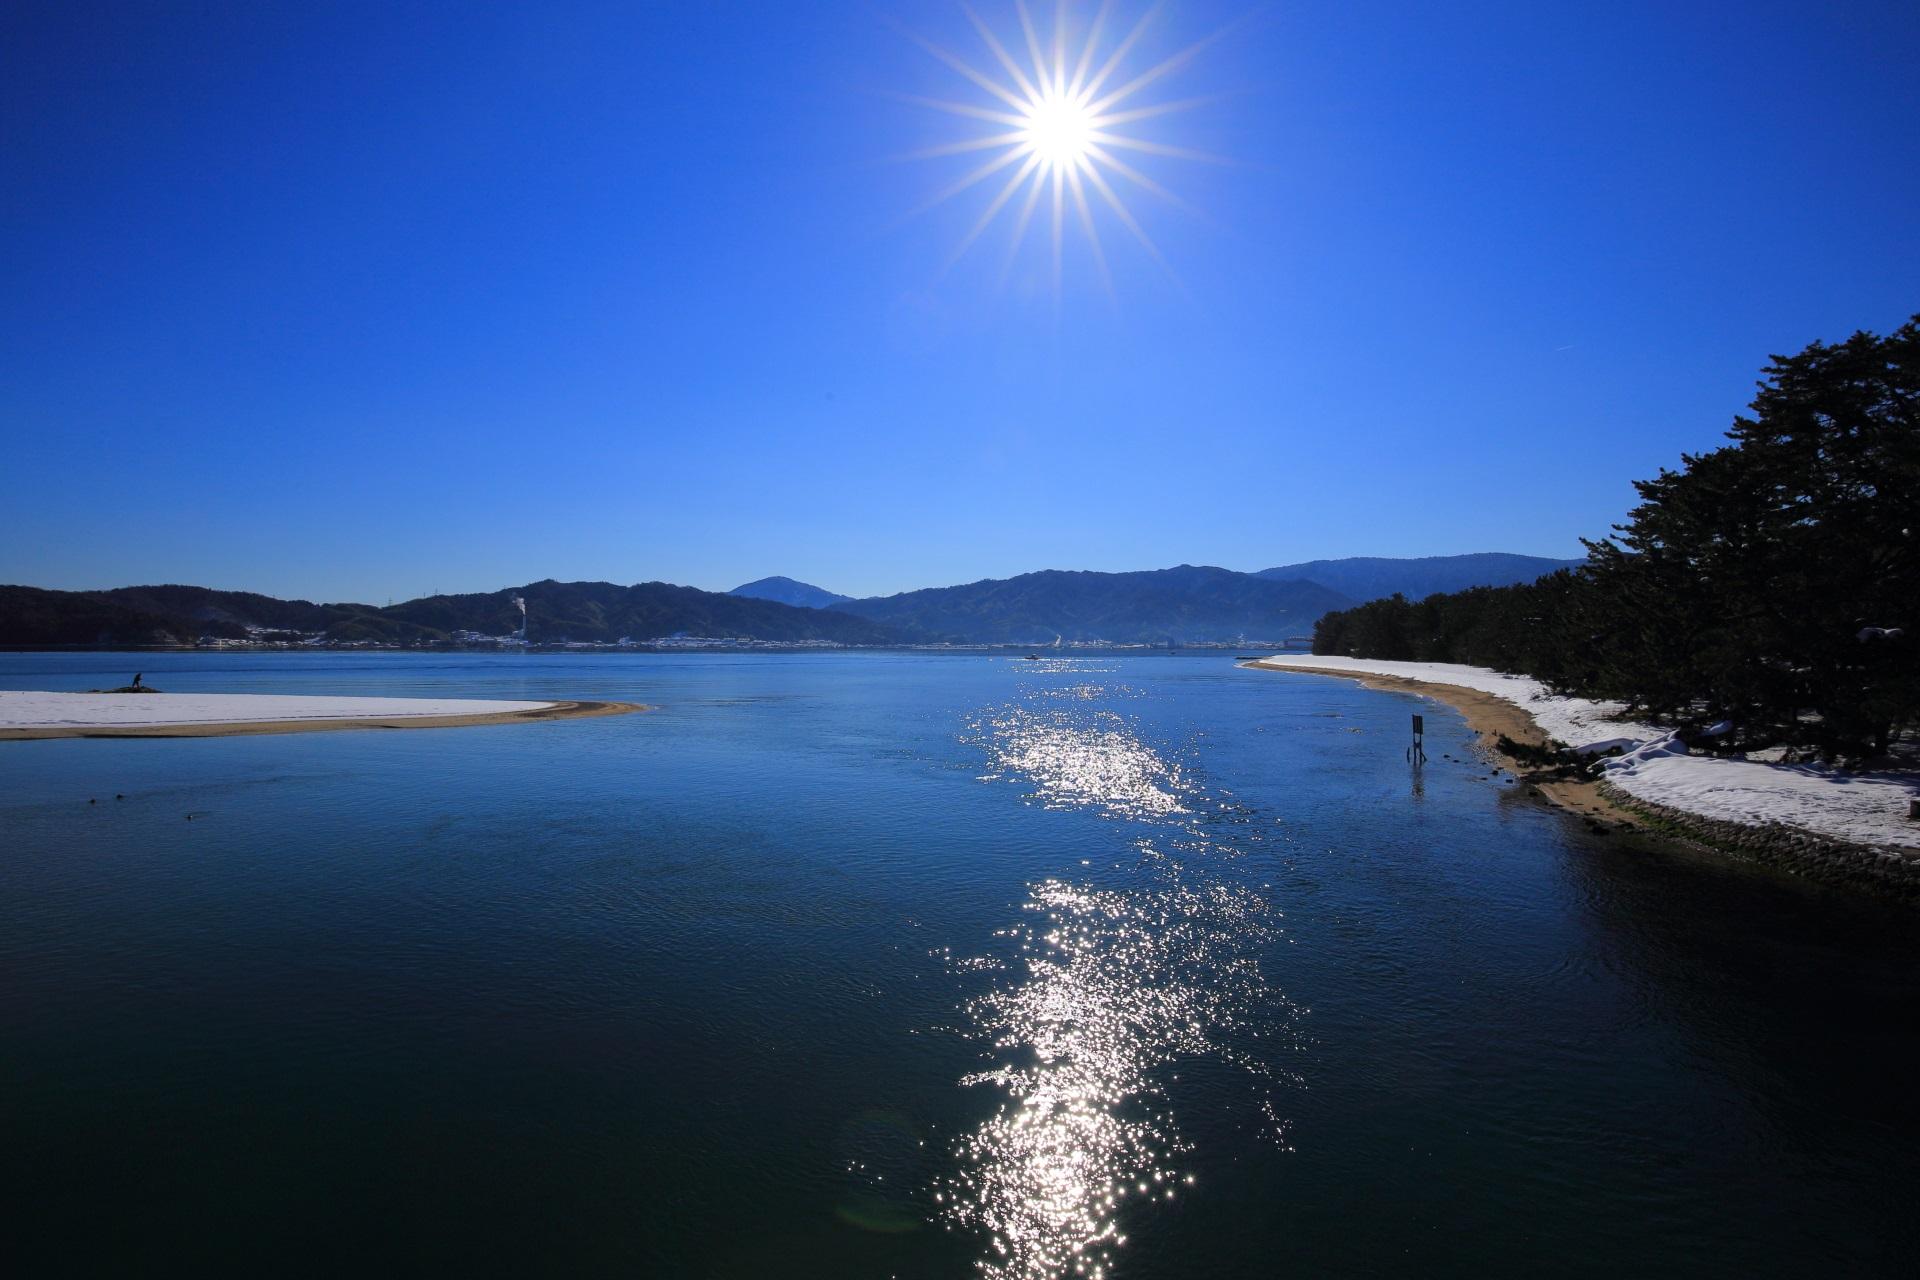 雲ひとつない見事な青空と太陽と雪